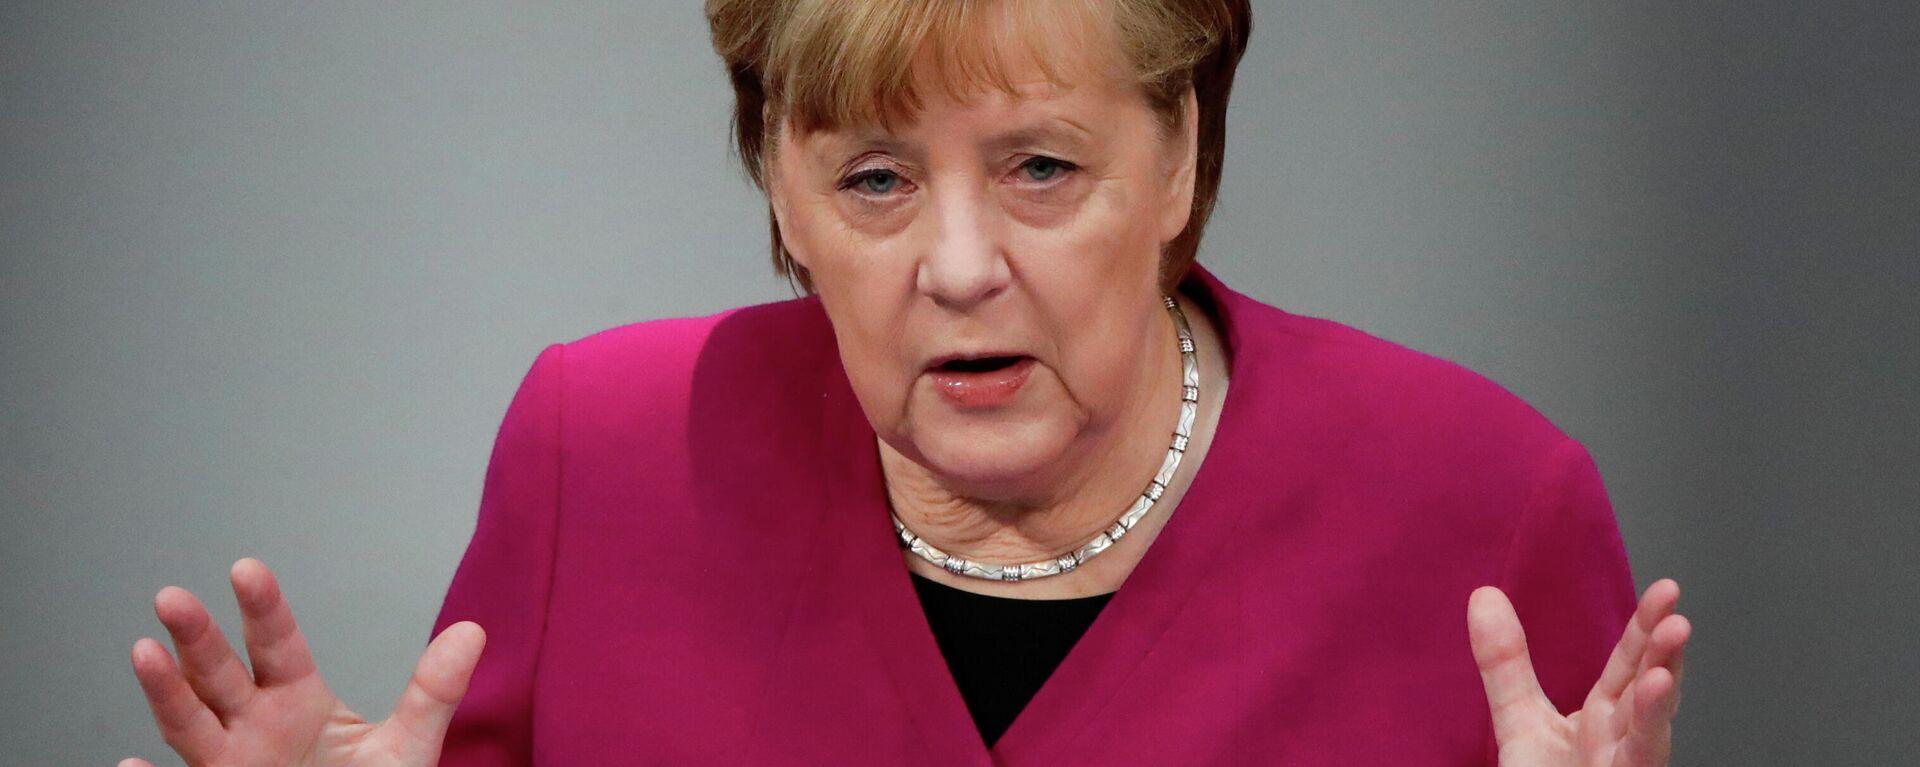 Bundeskanzlerin Angela Merkel - SNA, 1920, 28.03.2021